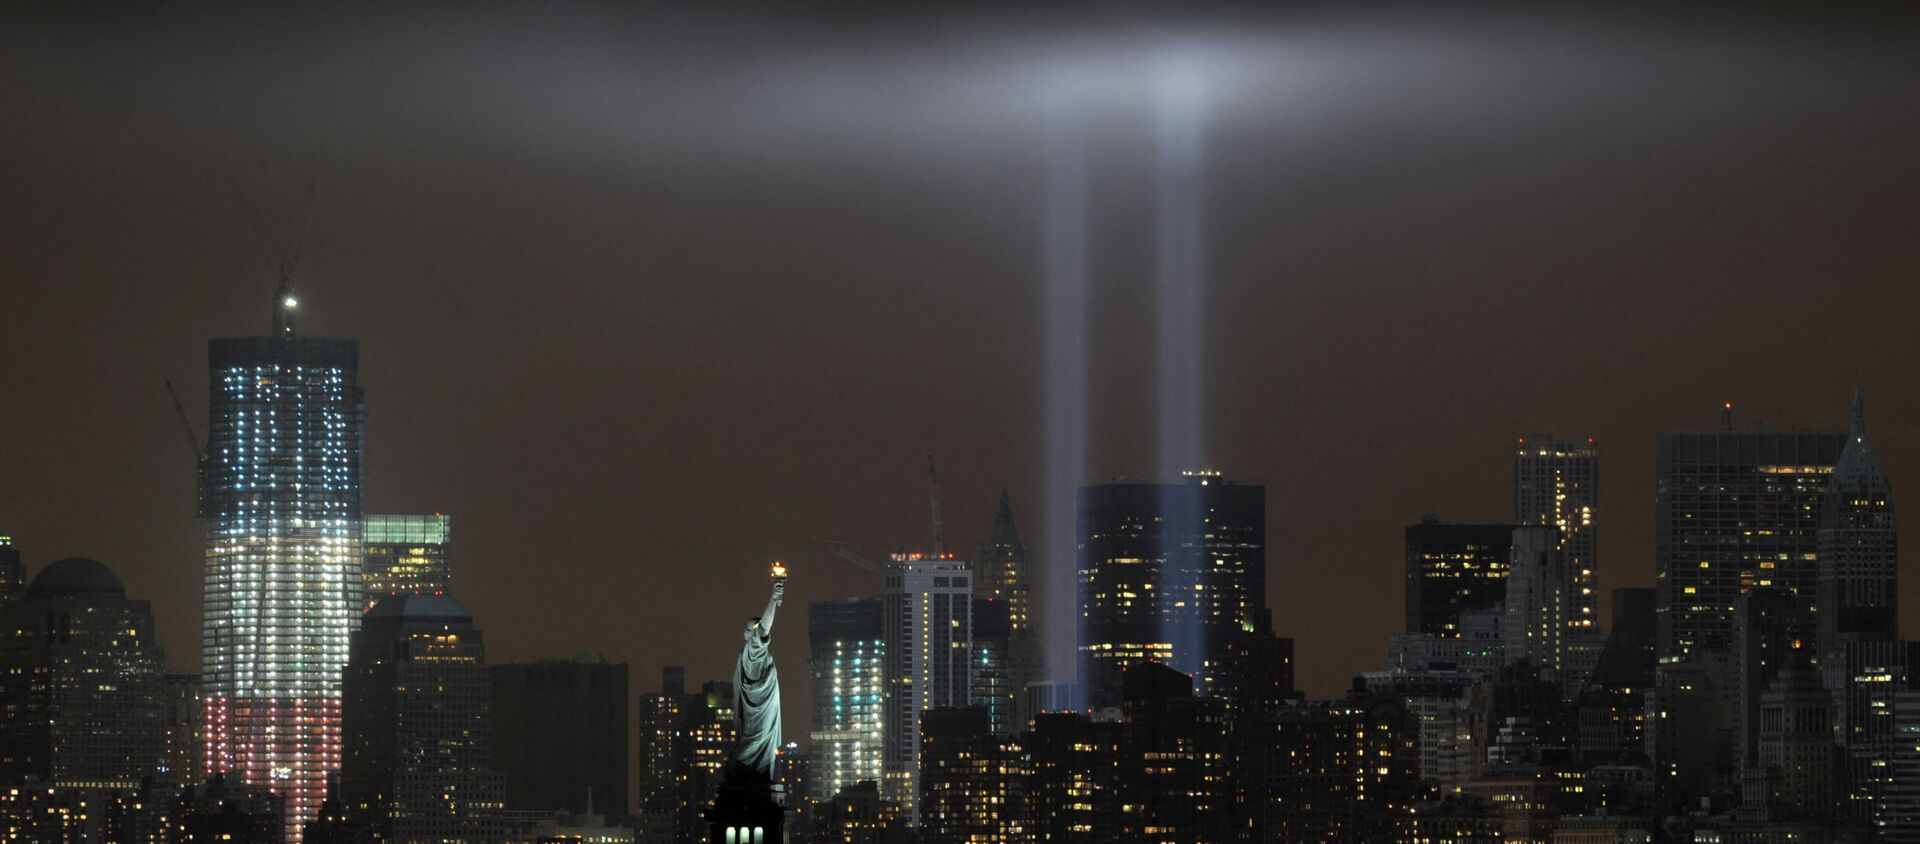 Ежегодный мемориал «Дань в свете», повторяющий башни-близнецы Всемирного торгового центра, освещает ночное небо во время 10-й годовщины терактов - Sputnik Абхазия, 1920, 11.09.2021